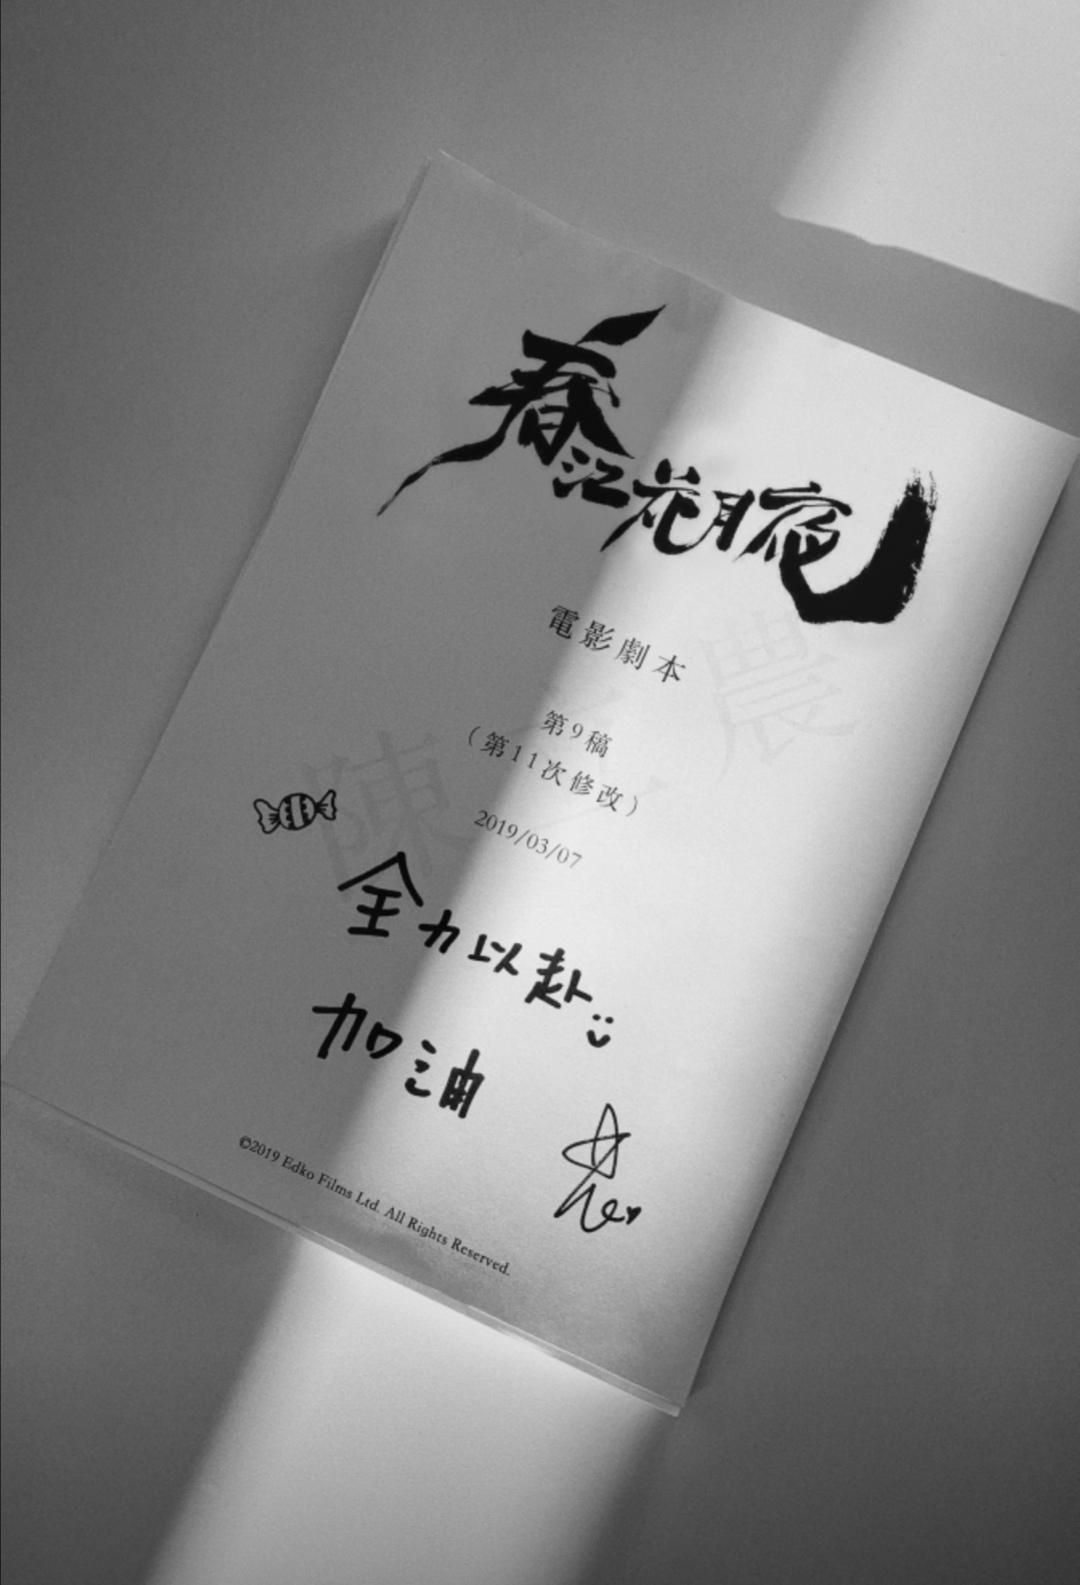 [新闻]190319 陈立农处女作《春江花月夜》官宣!子进同学赶考大吉